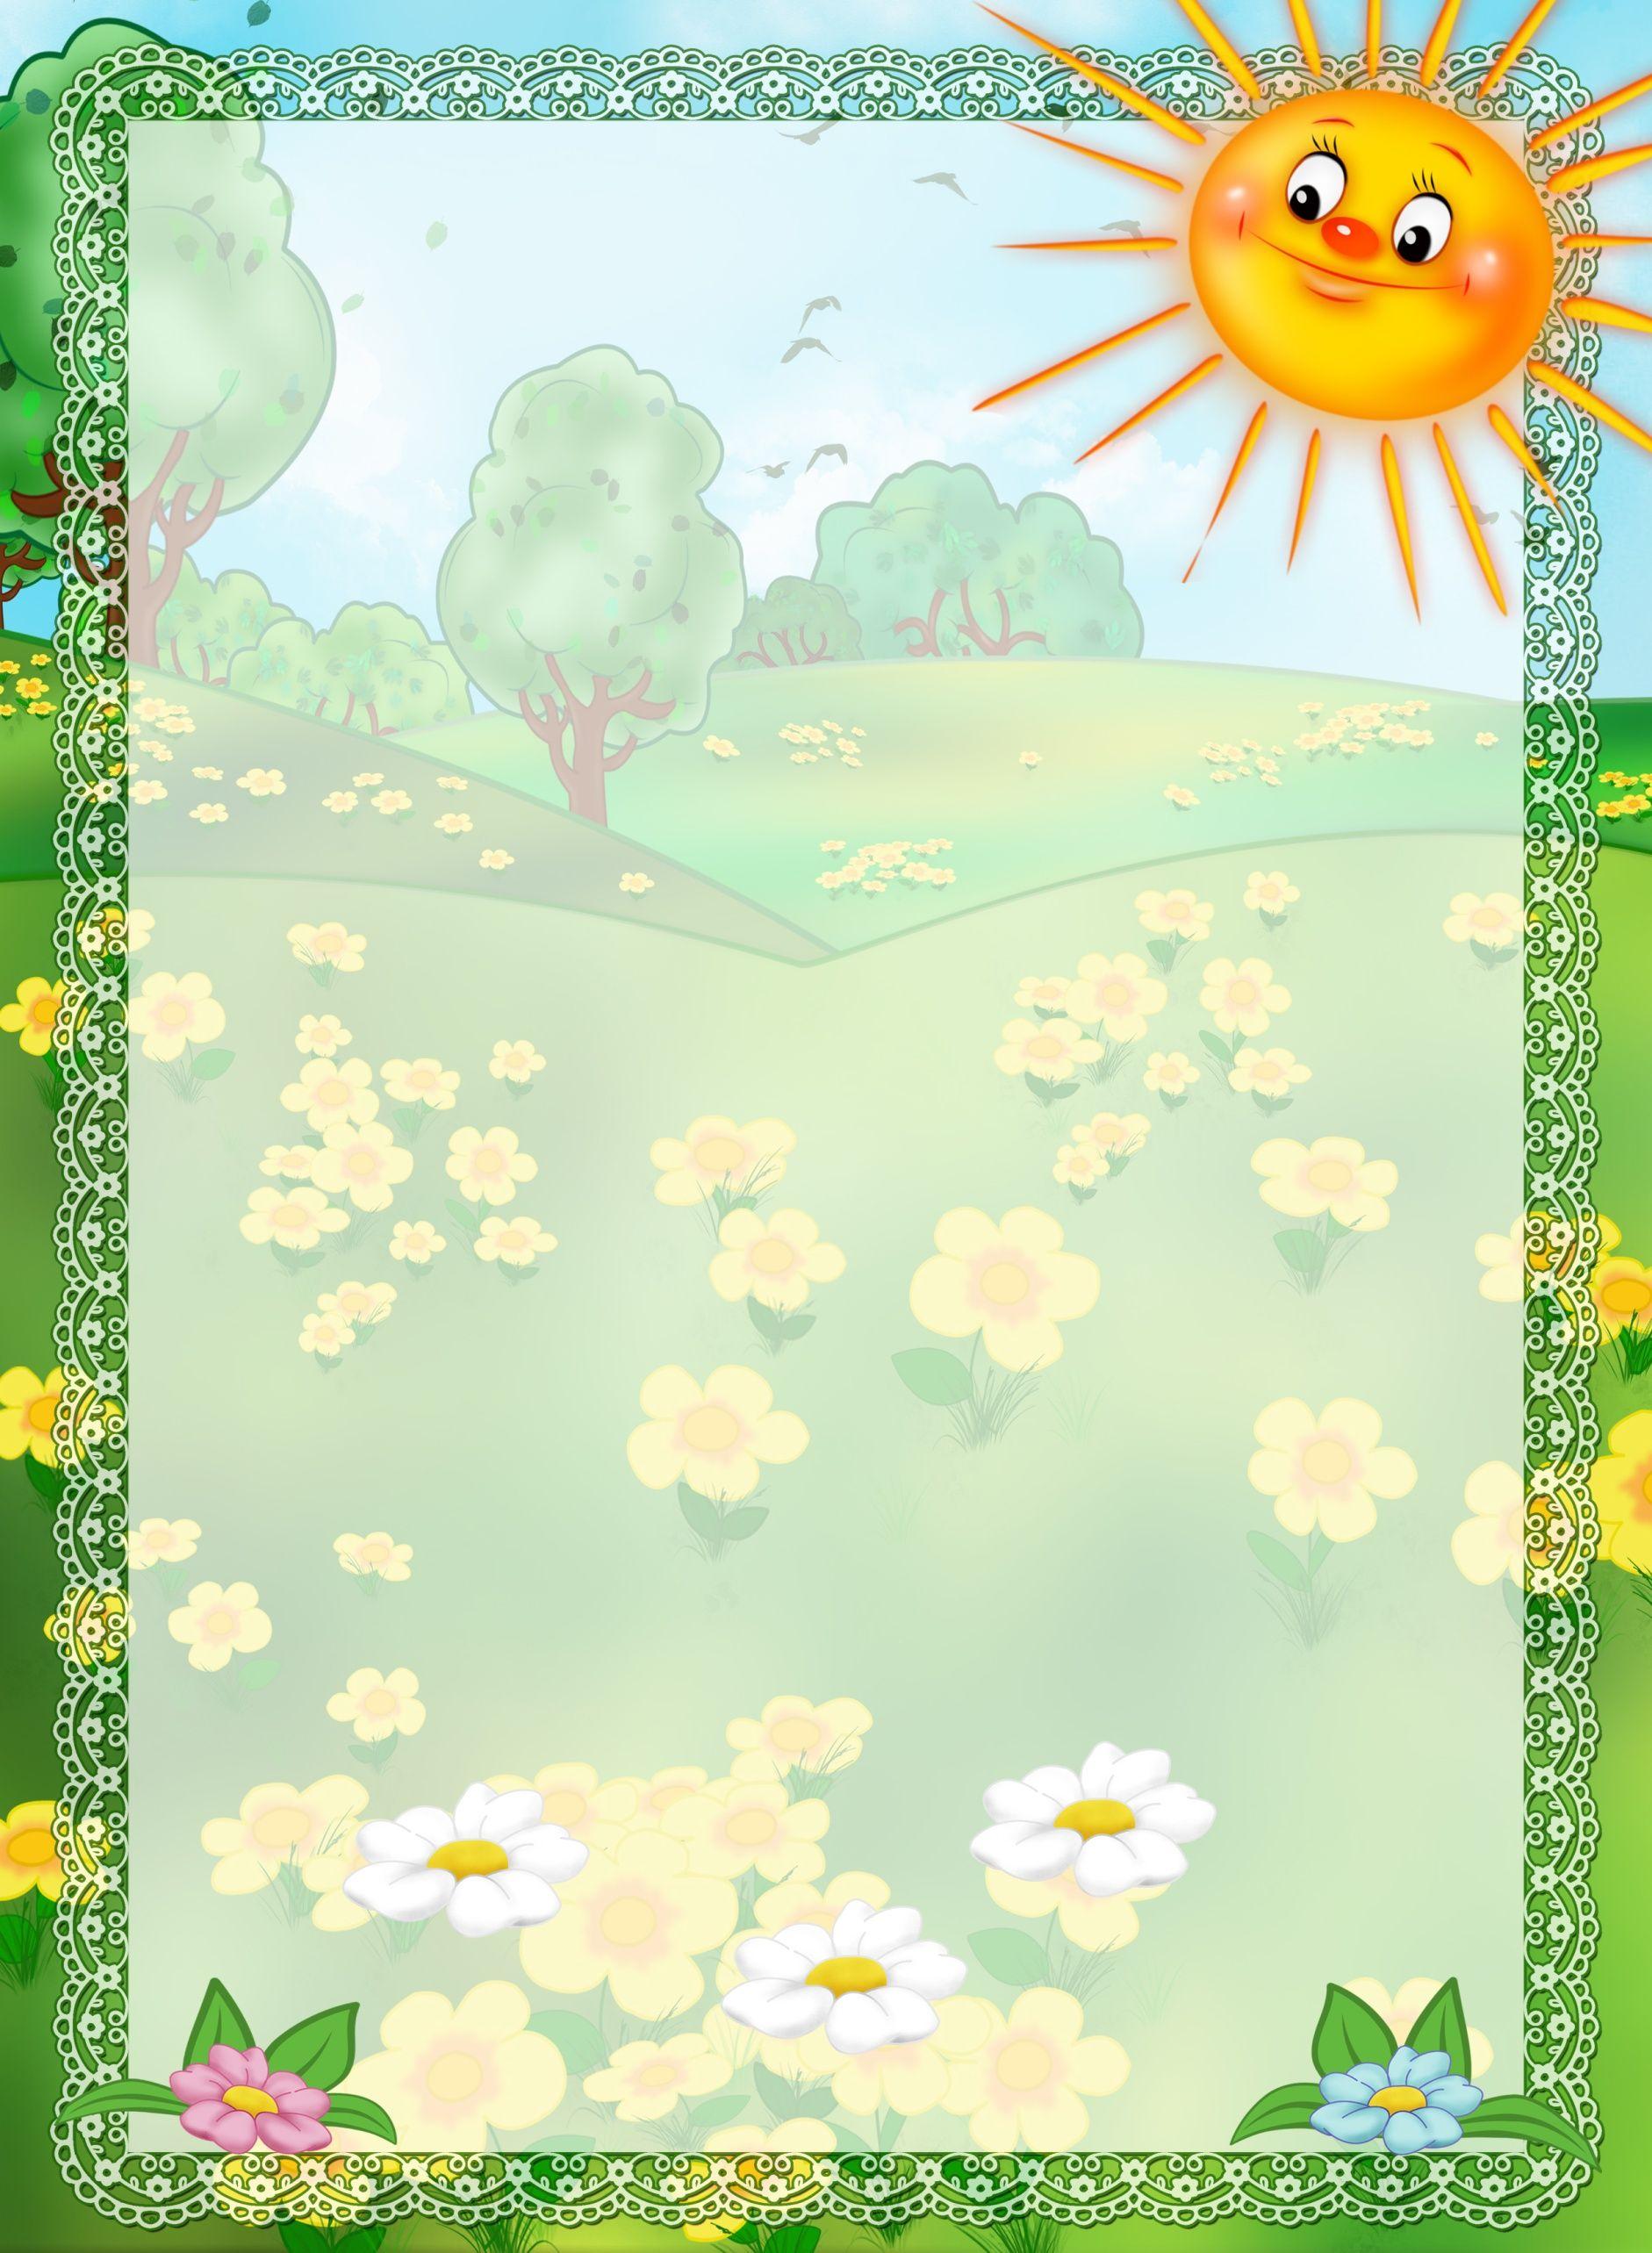 фон2.jpg | Рамка страницы, Цветочные фоны, Детский сад